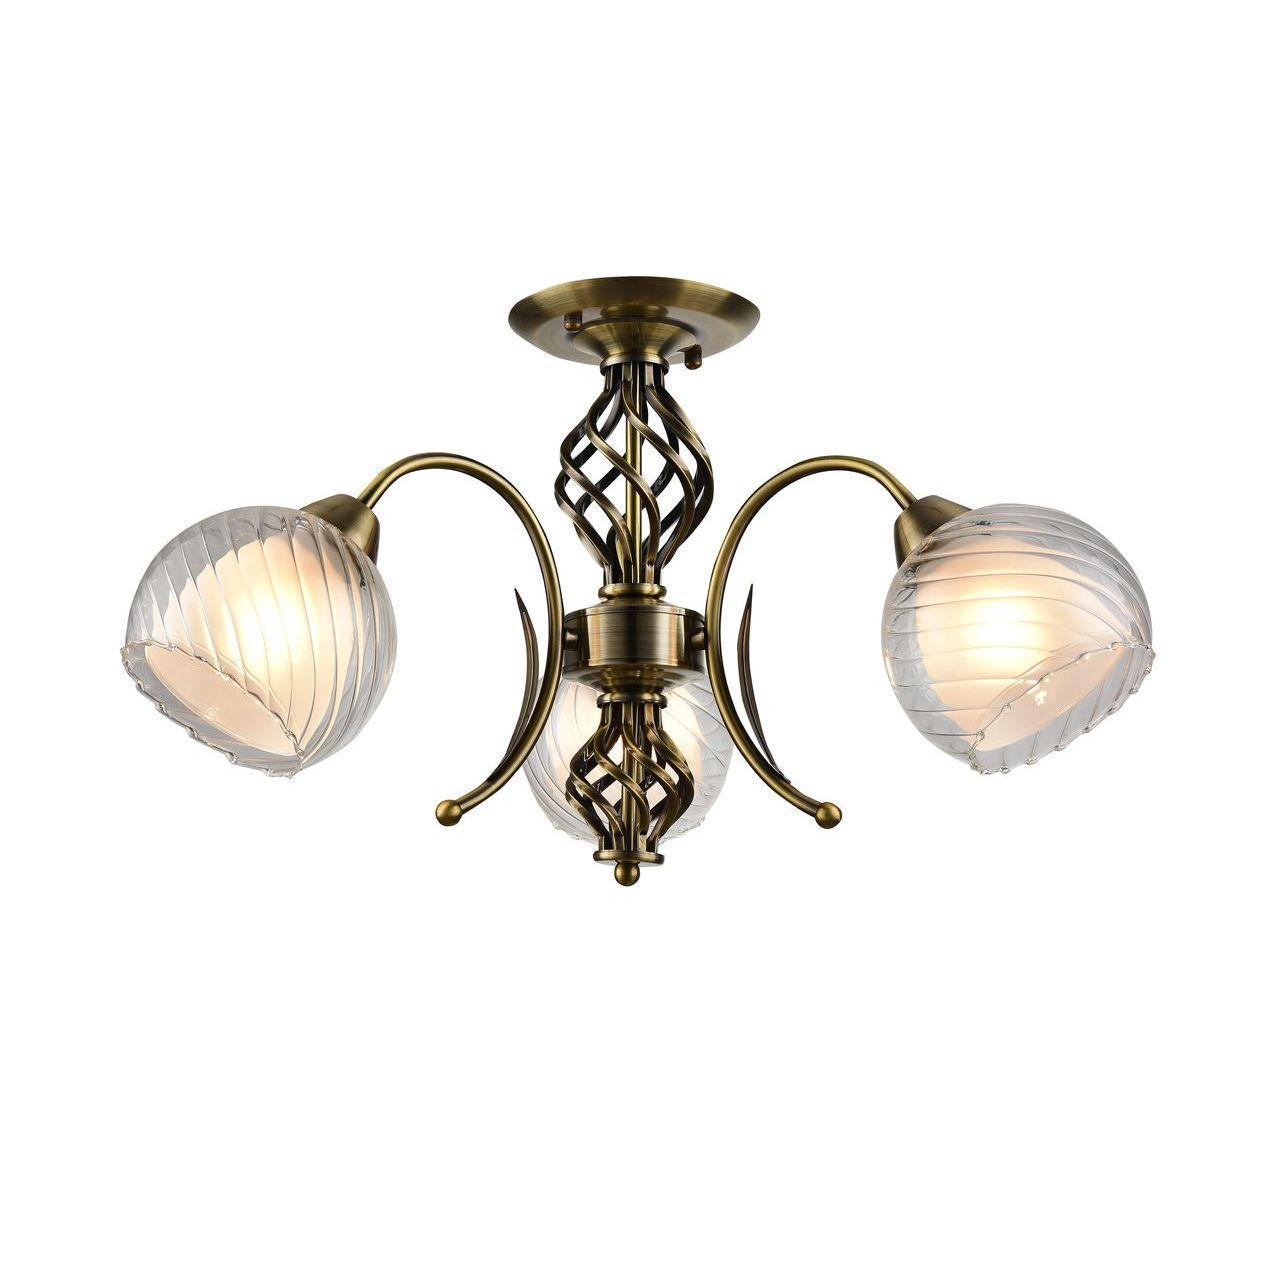 Люстра Arte Lamp Dolcemente A1607PL-3AB потолочная цена